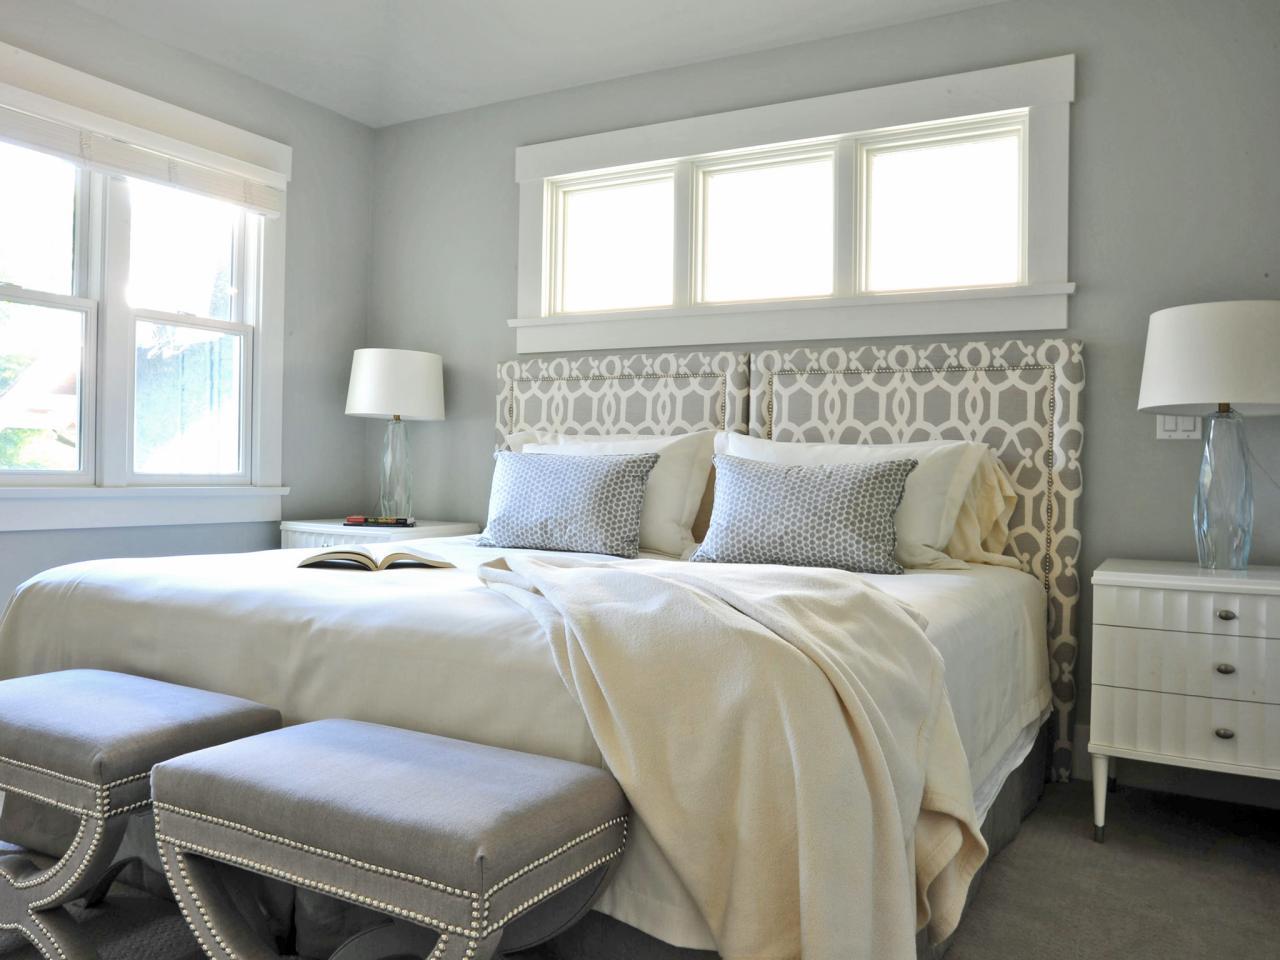 Кровать изголовьем к окну в спальне серой